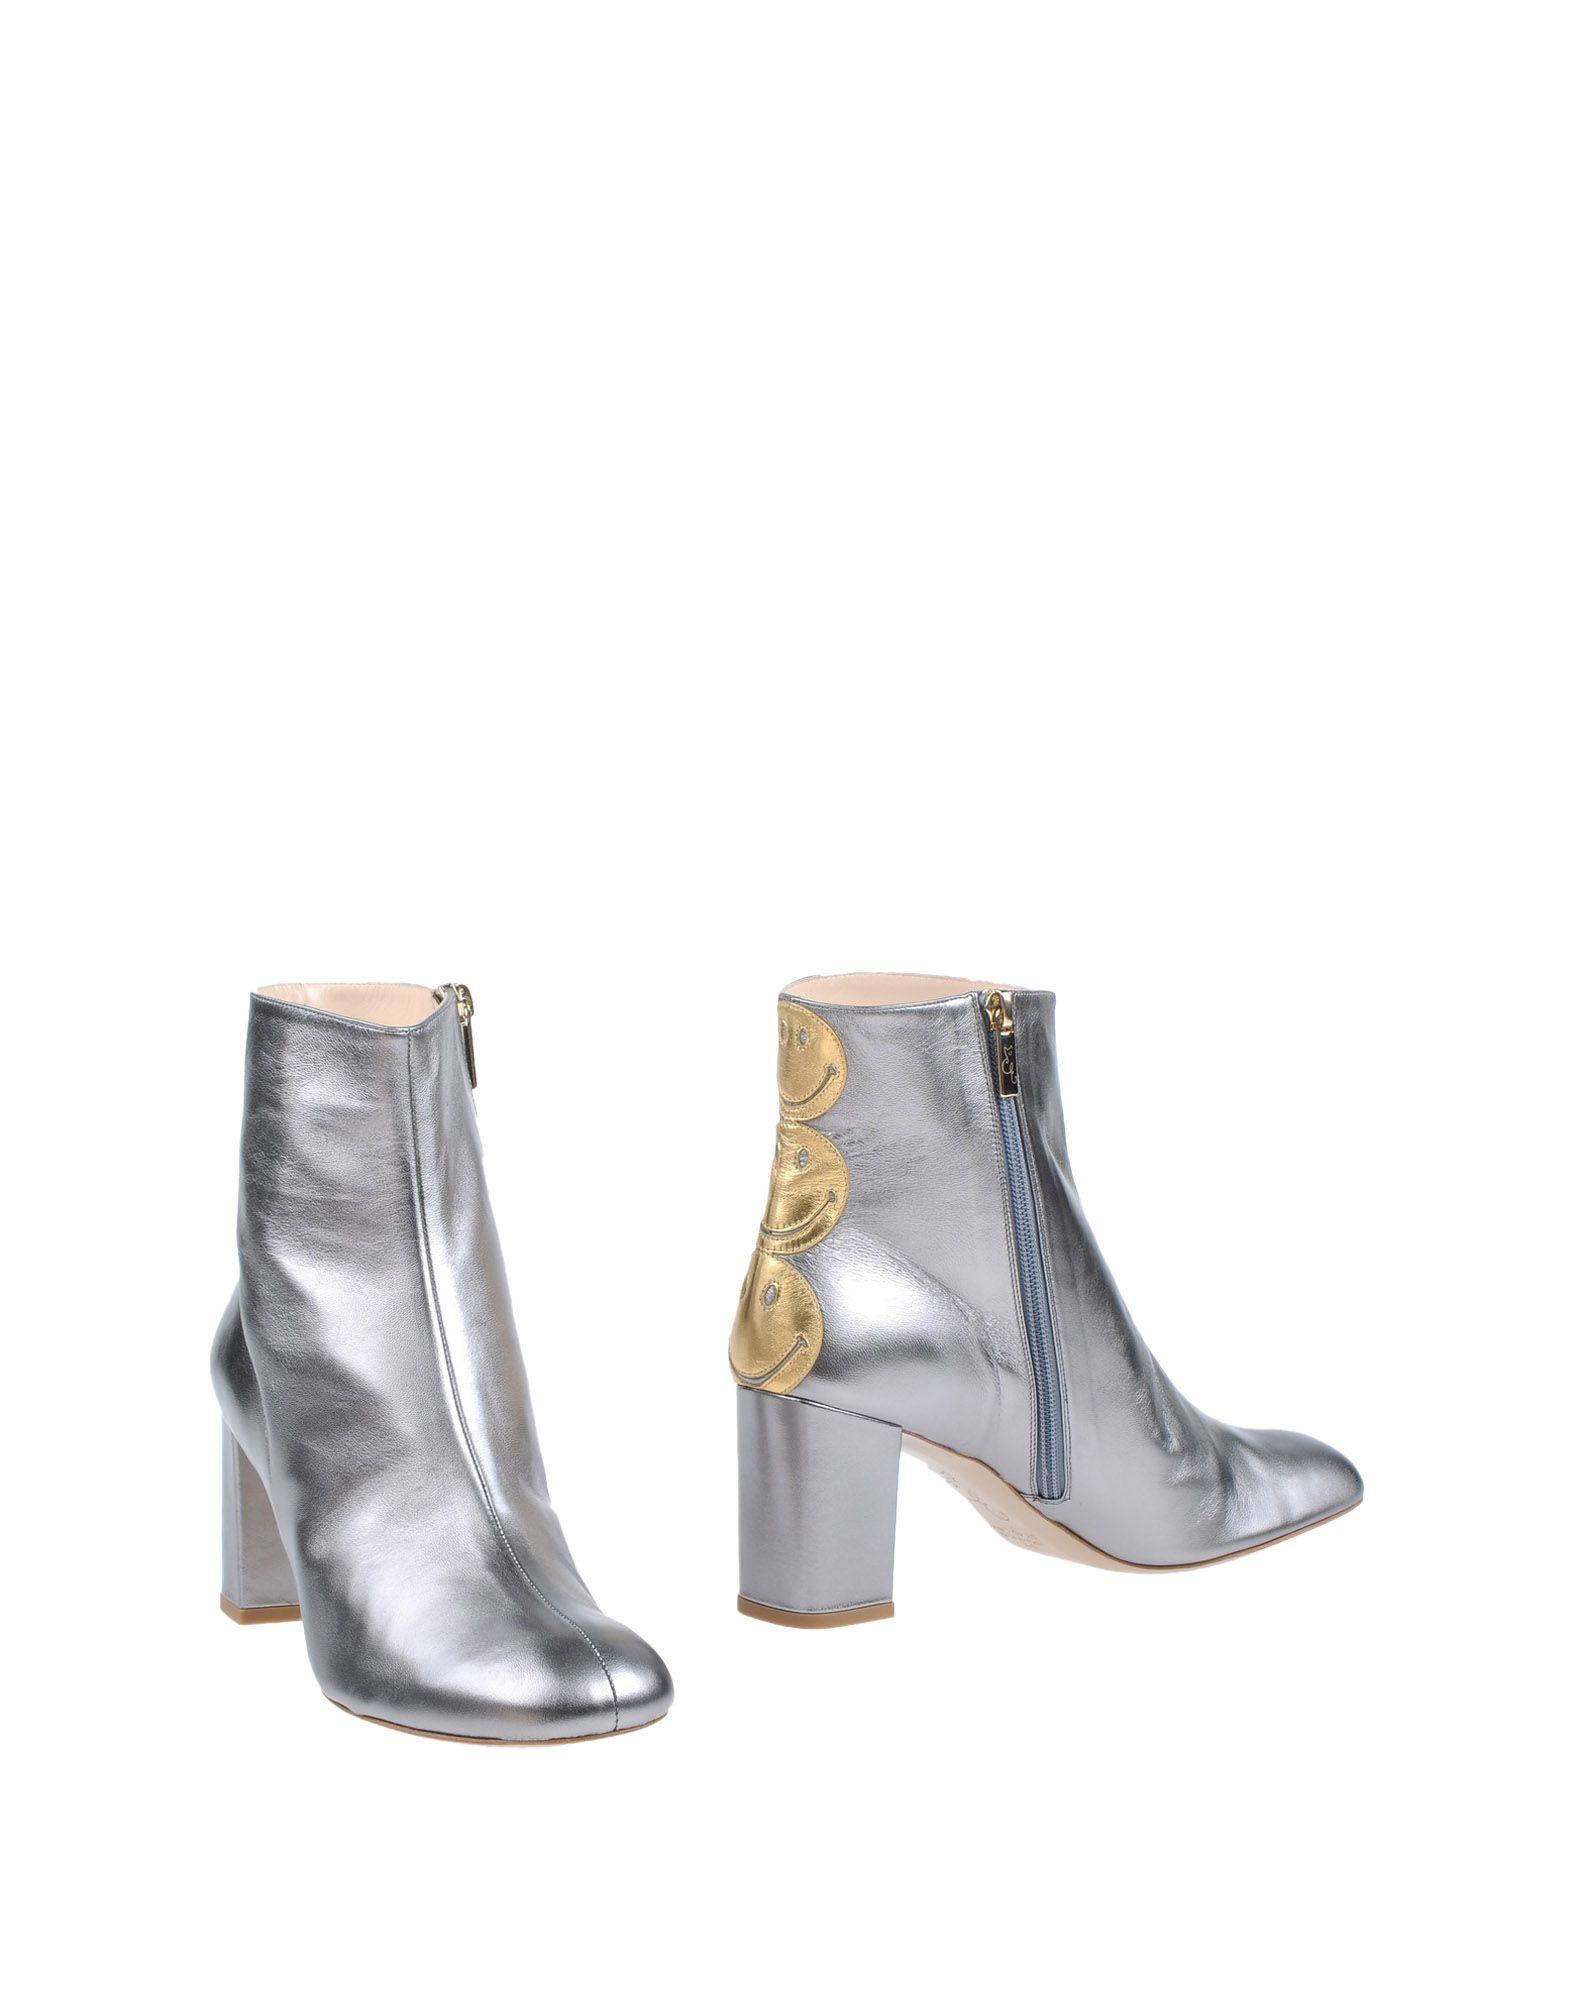 Camilla Elphick Stiefelette Damen  11328816FKGut aussehende strapazierfähige Schuhe